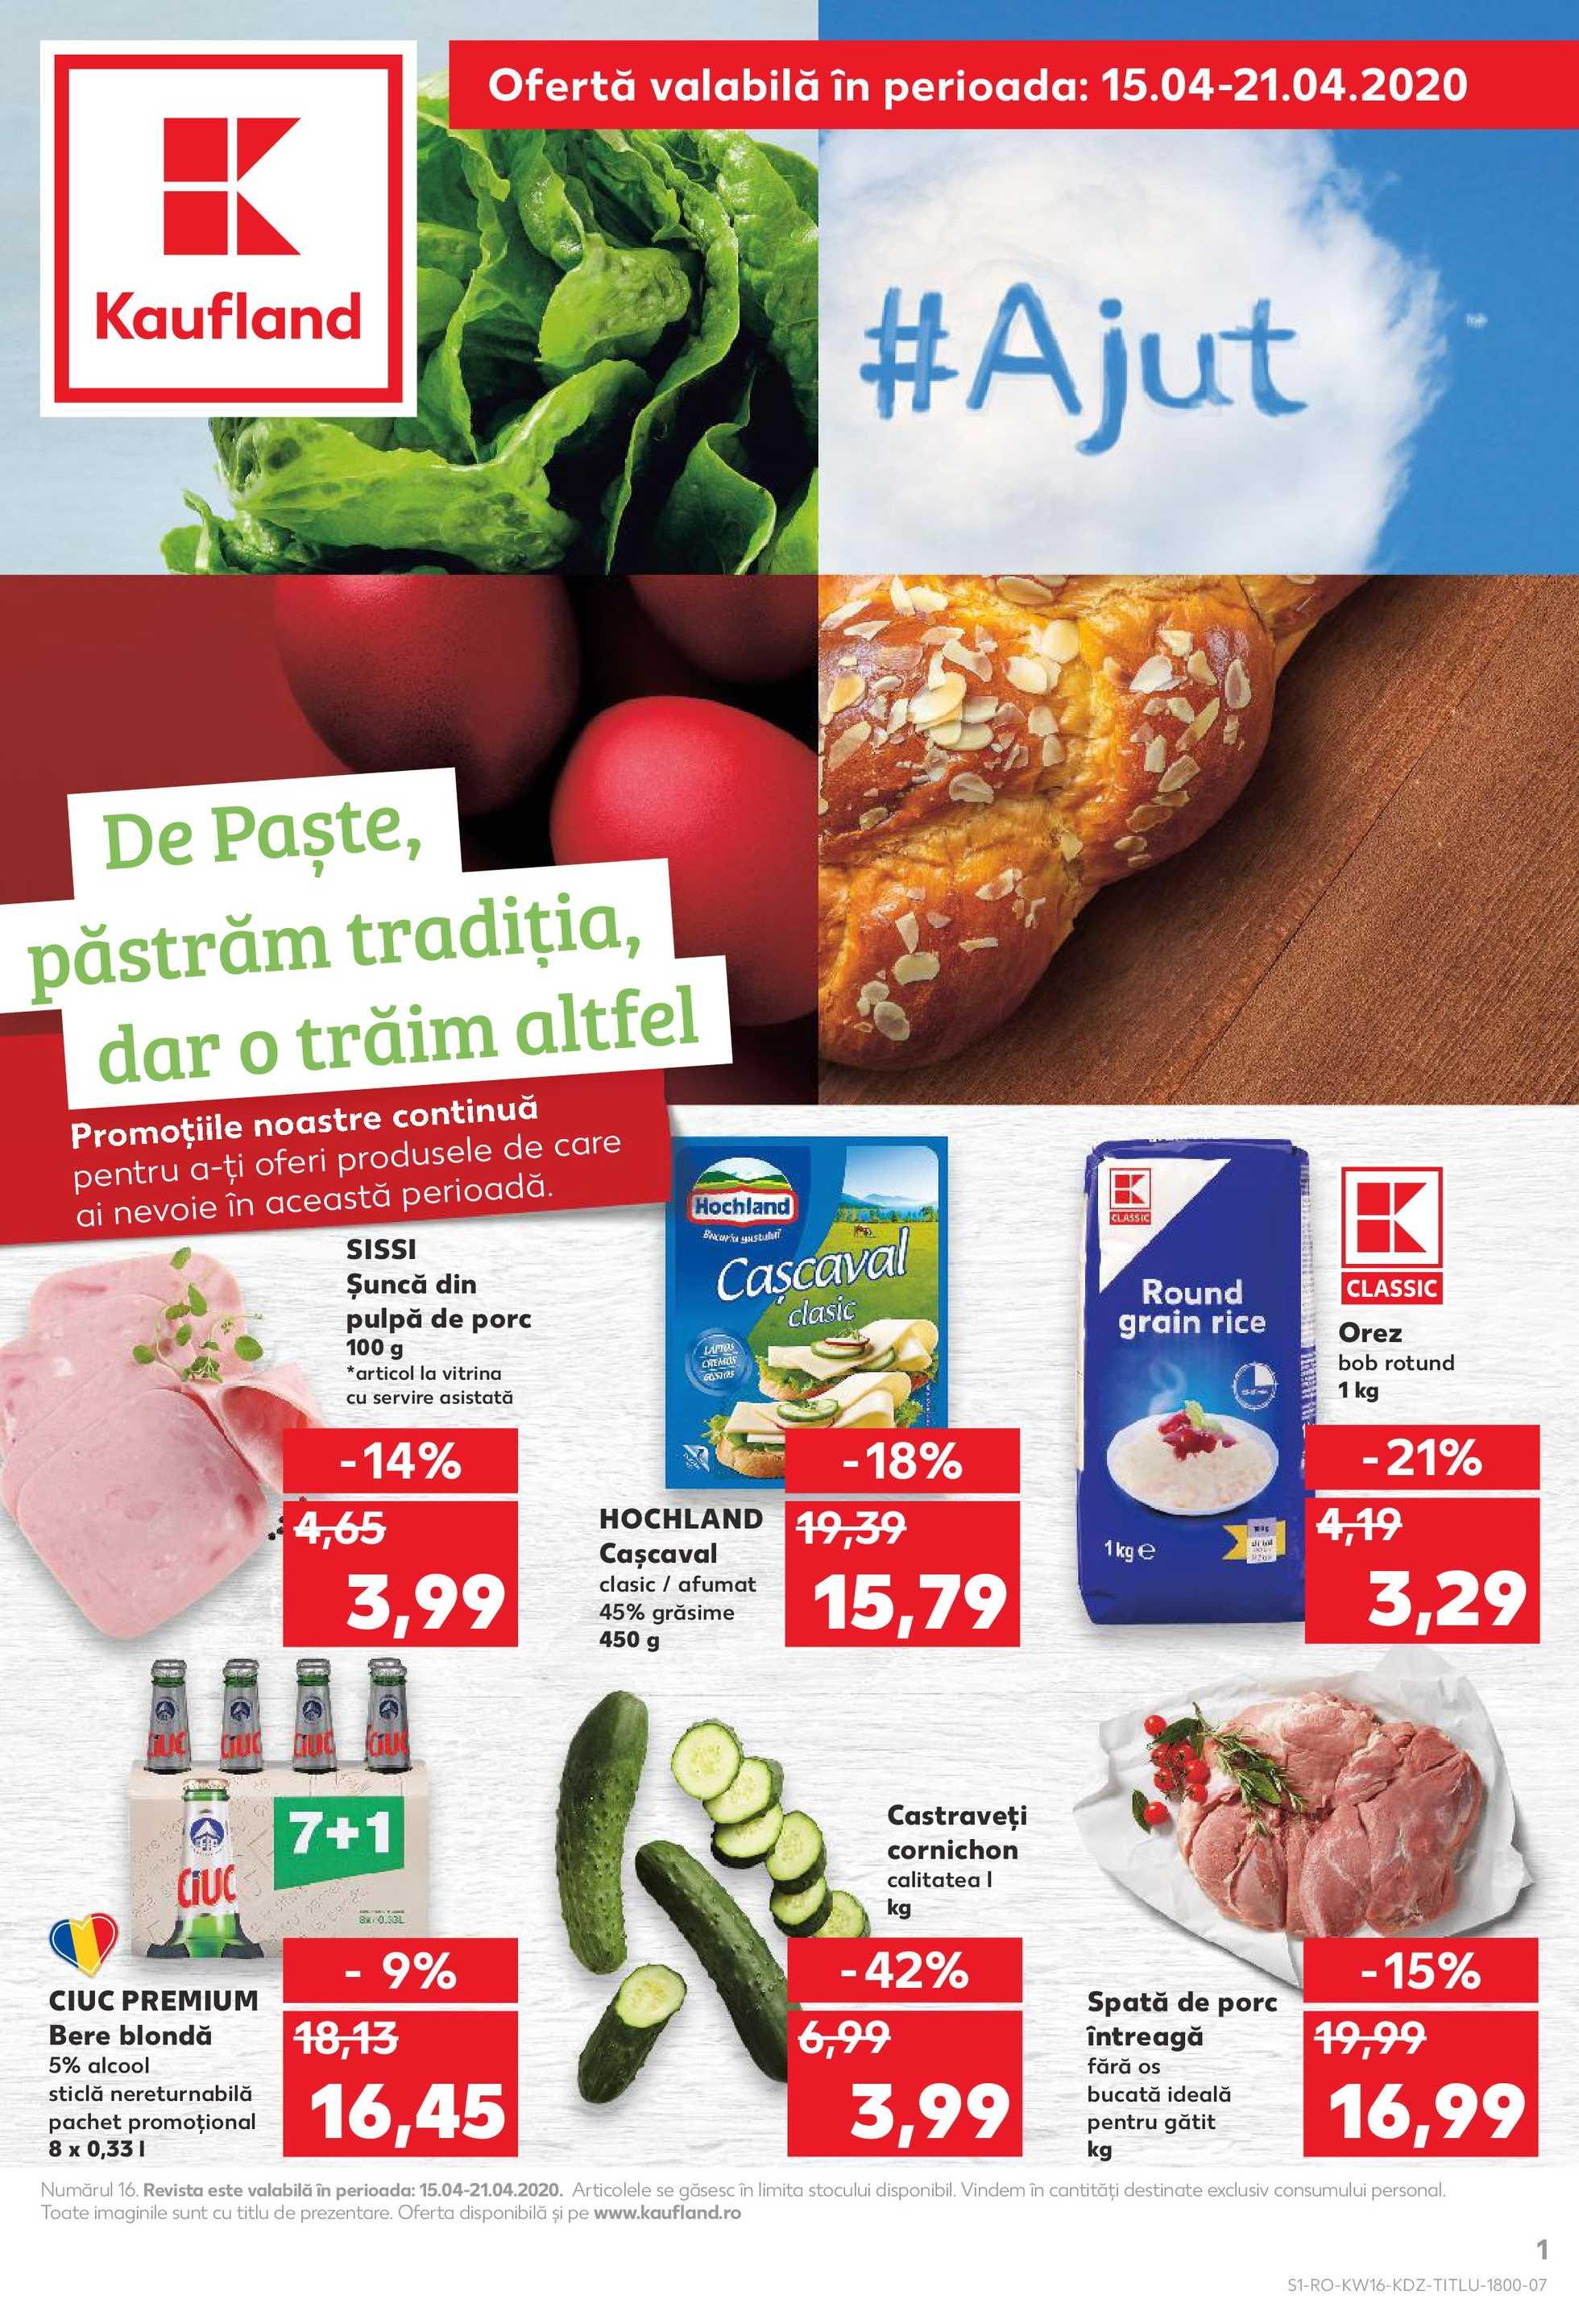 Kaufland - promo începând de la 15.04.2020 până la 21.04.2020 - pagină 1.